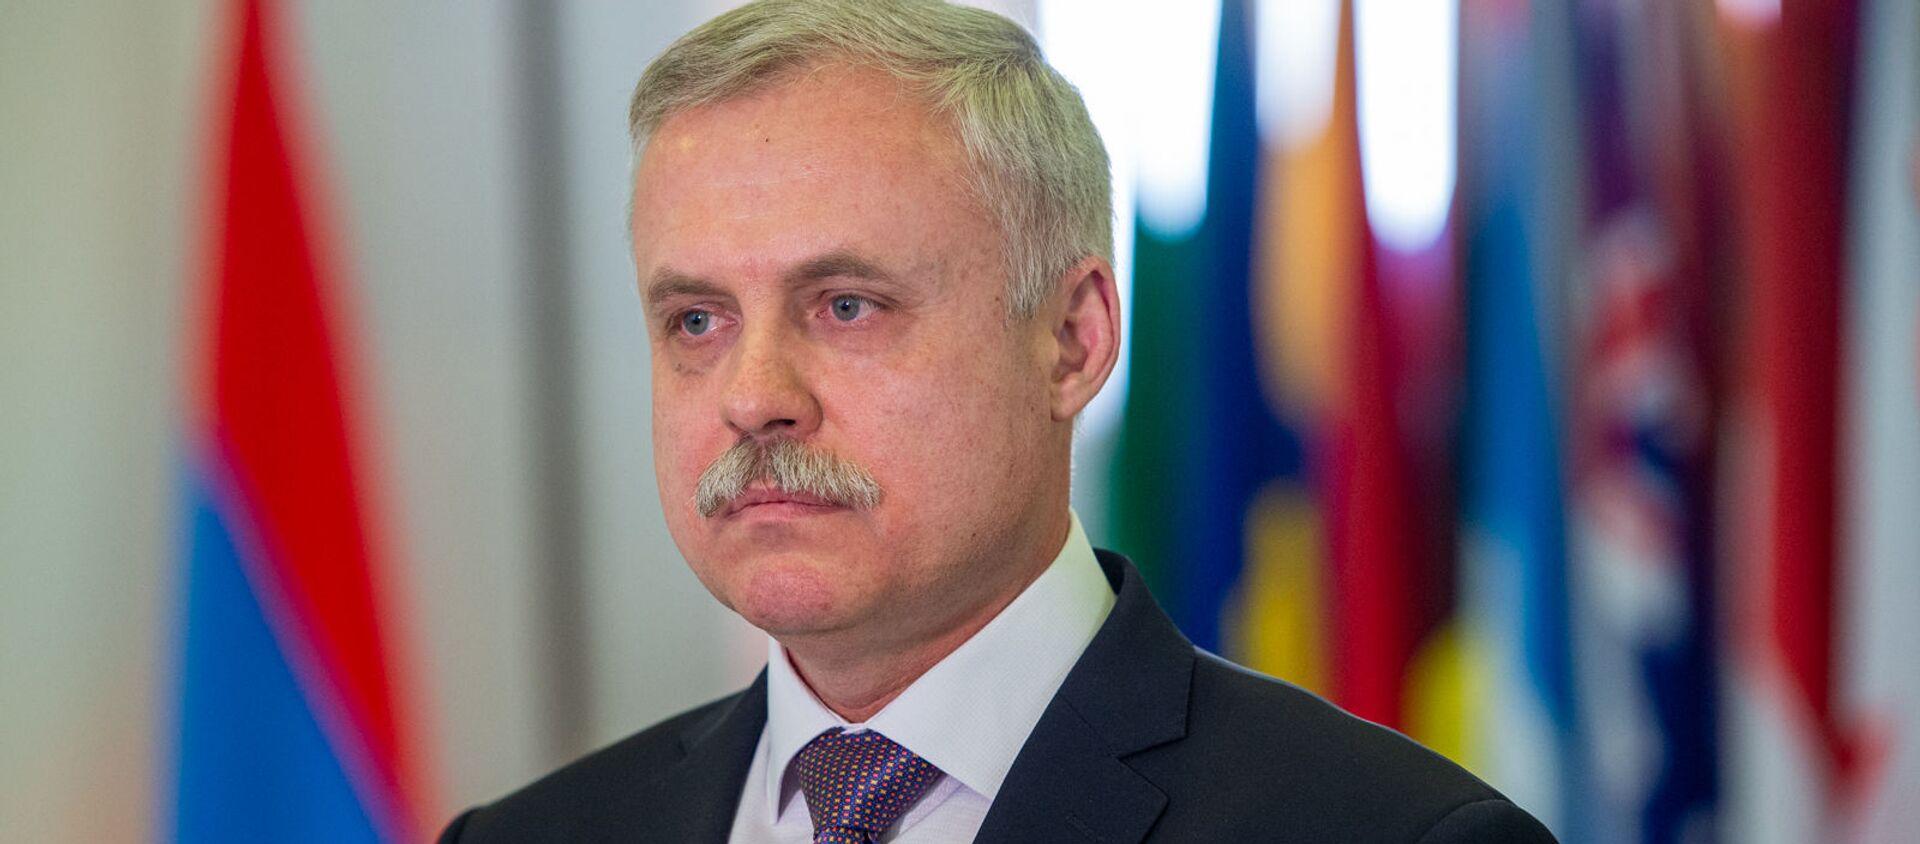 Генеральный секретарь ОДКБ Станислав Зась - Sputnik Արմենիա, 1920, 03.07.2021